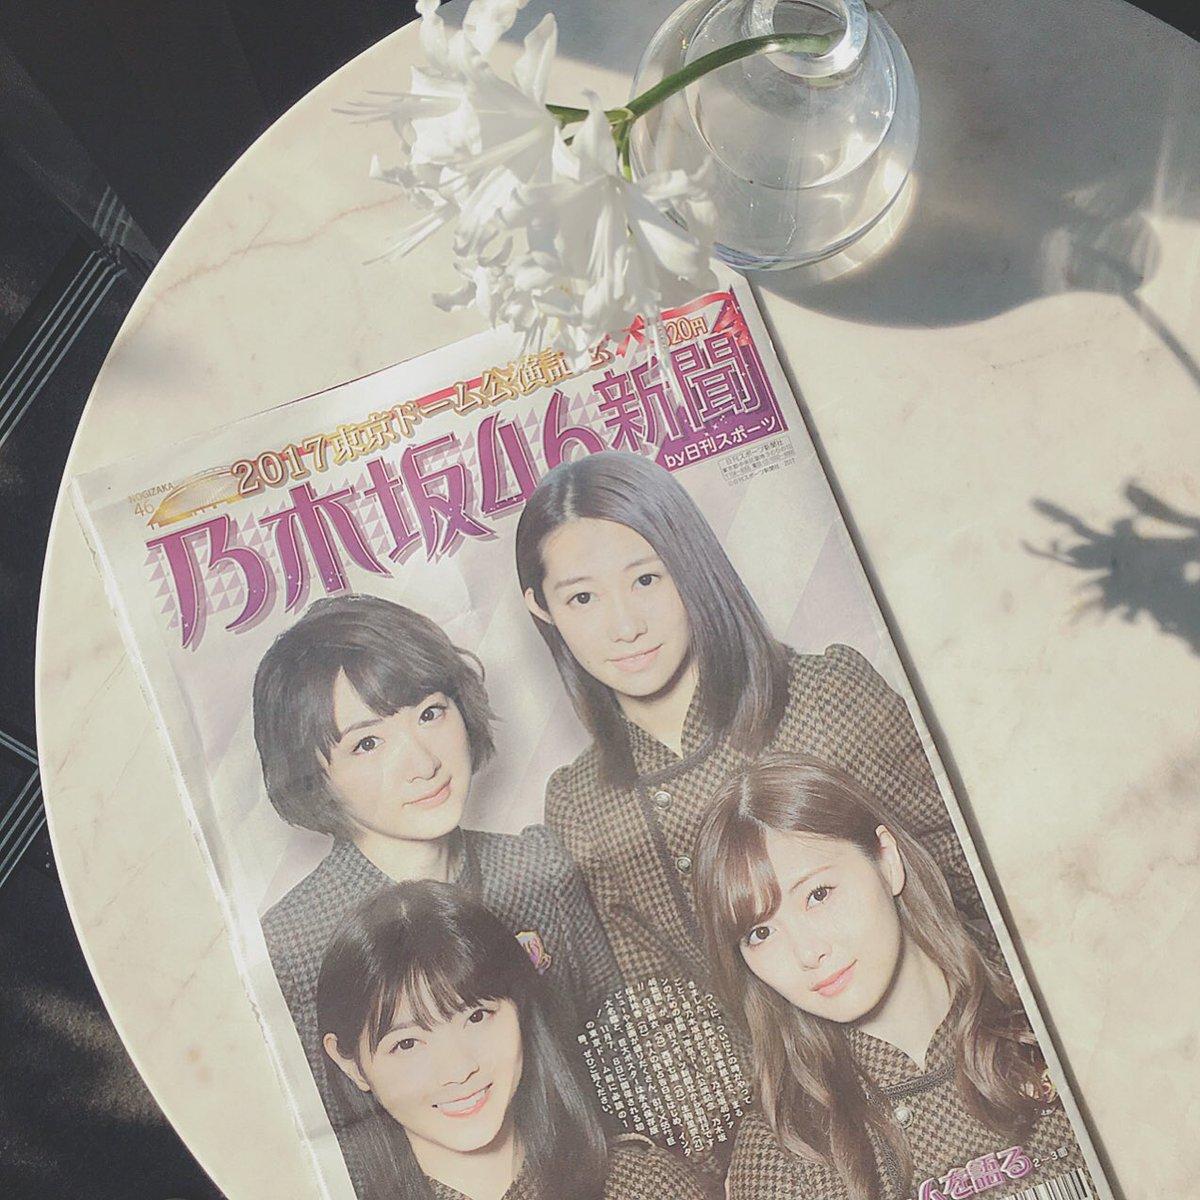 いよいよ明日から乃木坂46の東京ドームコンサートですね!立ち寄ったカフェで乃木坂46新聞を読んで、気持...